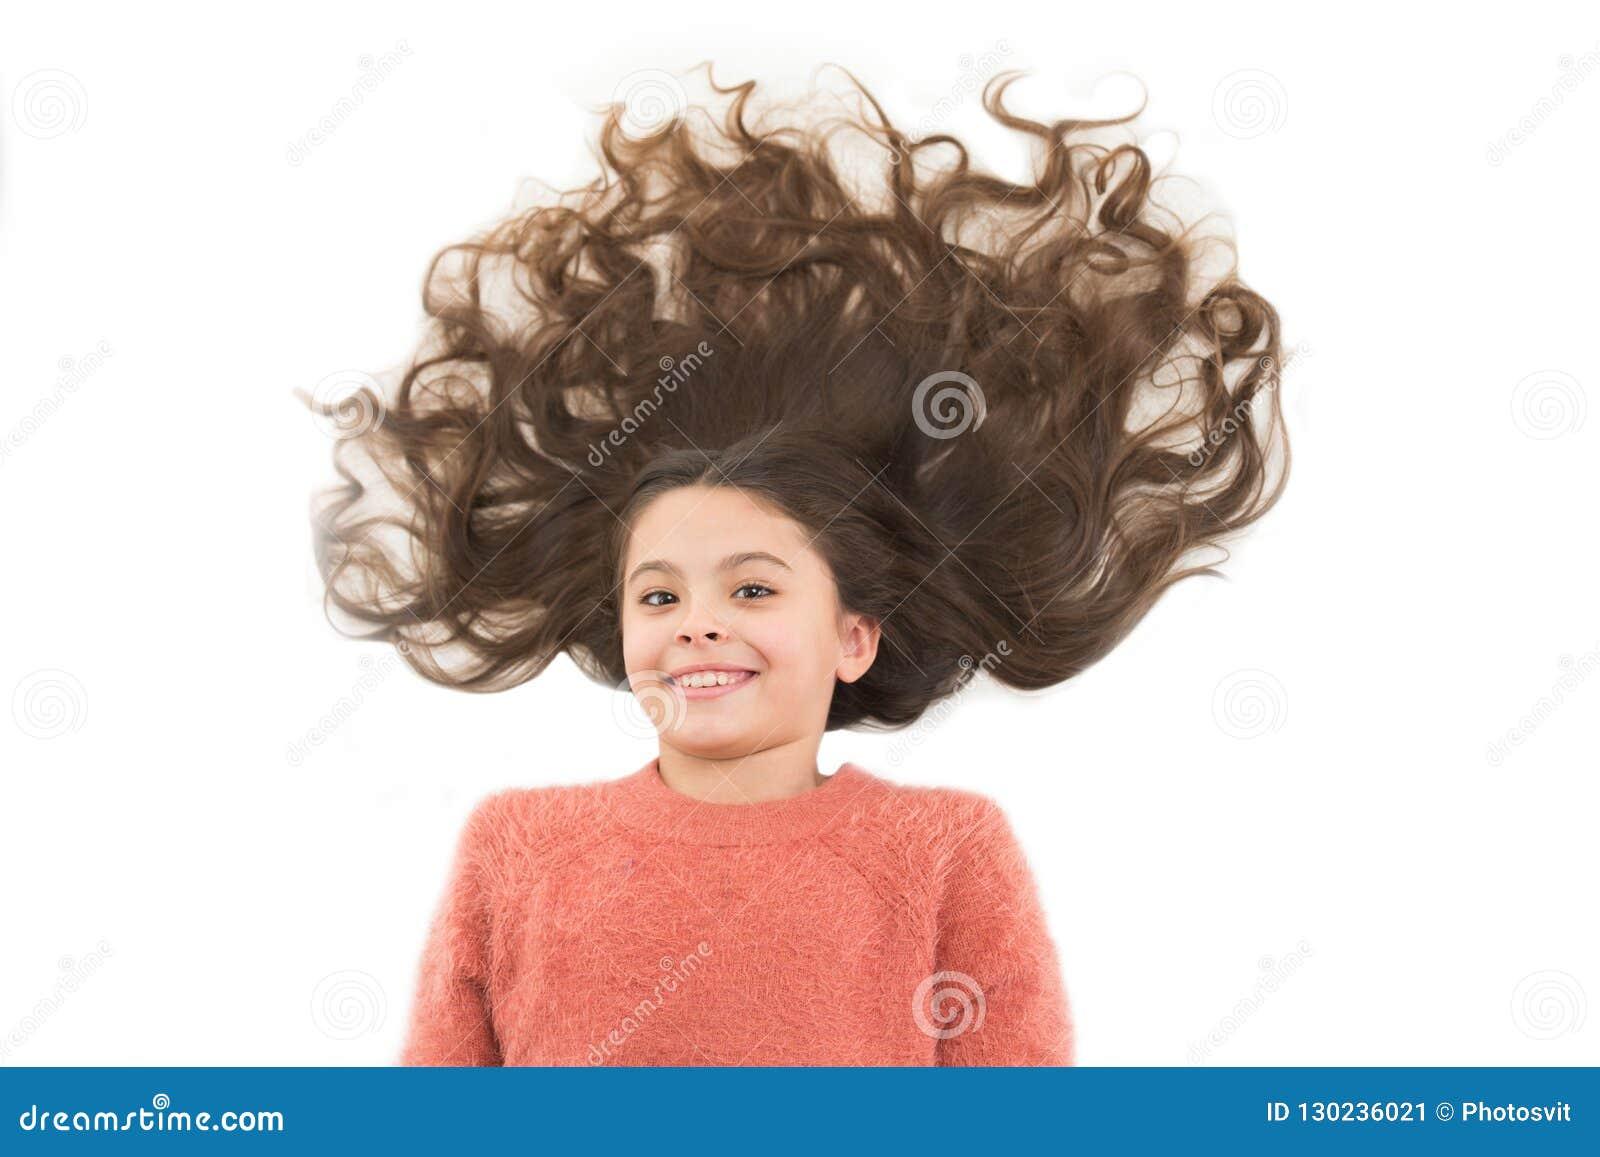 Naturliga hemlagade hårmaskeringar som ger dig sunt härligt hår Gulligt barn för flicka med långt lockigt hår som isoleras på vit